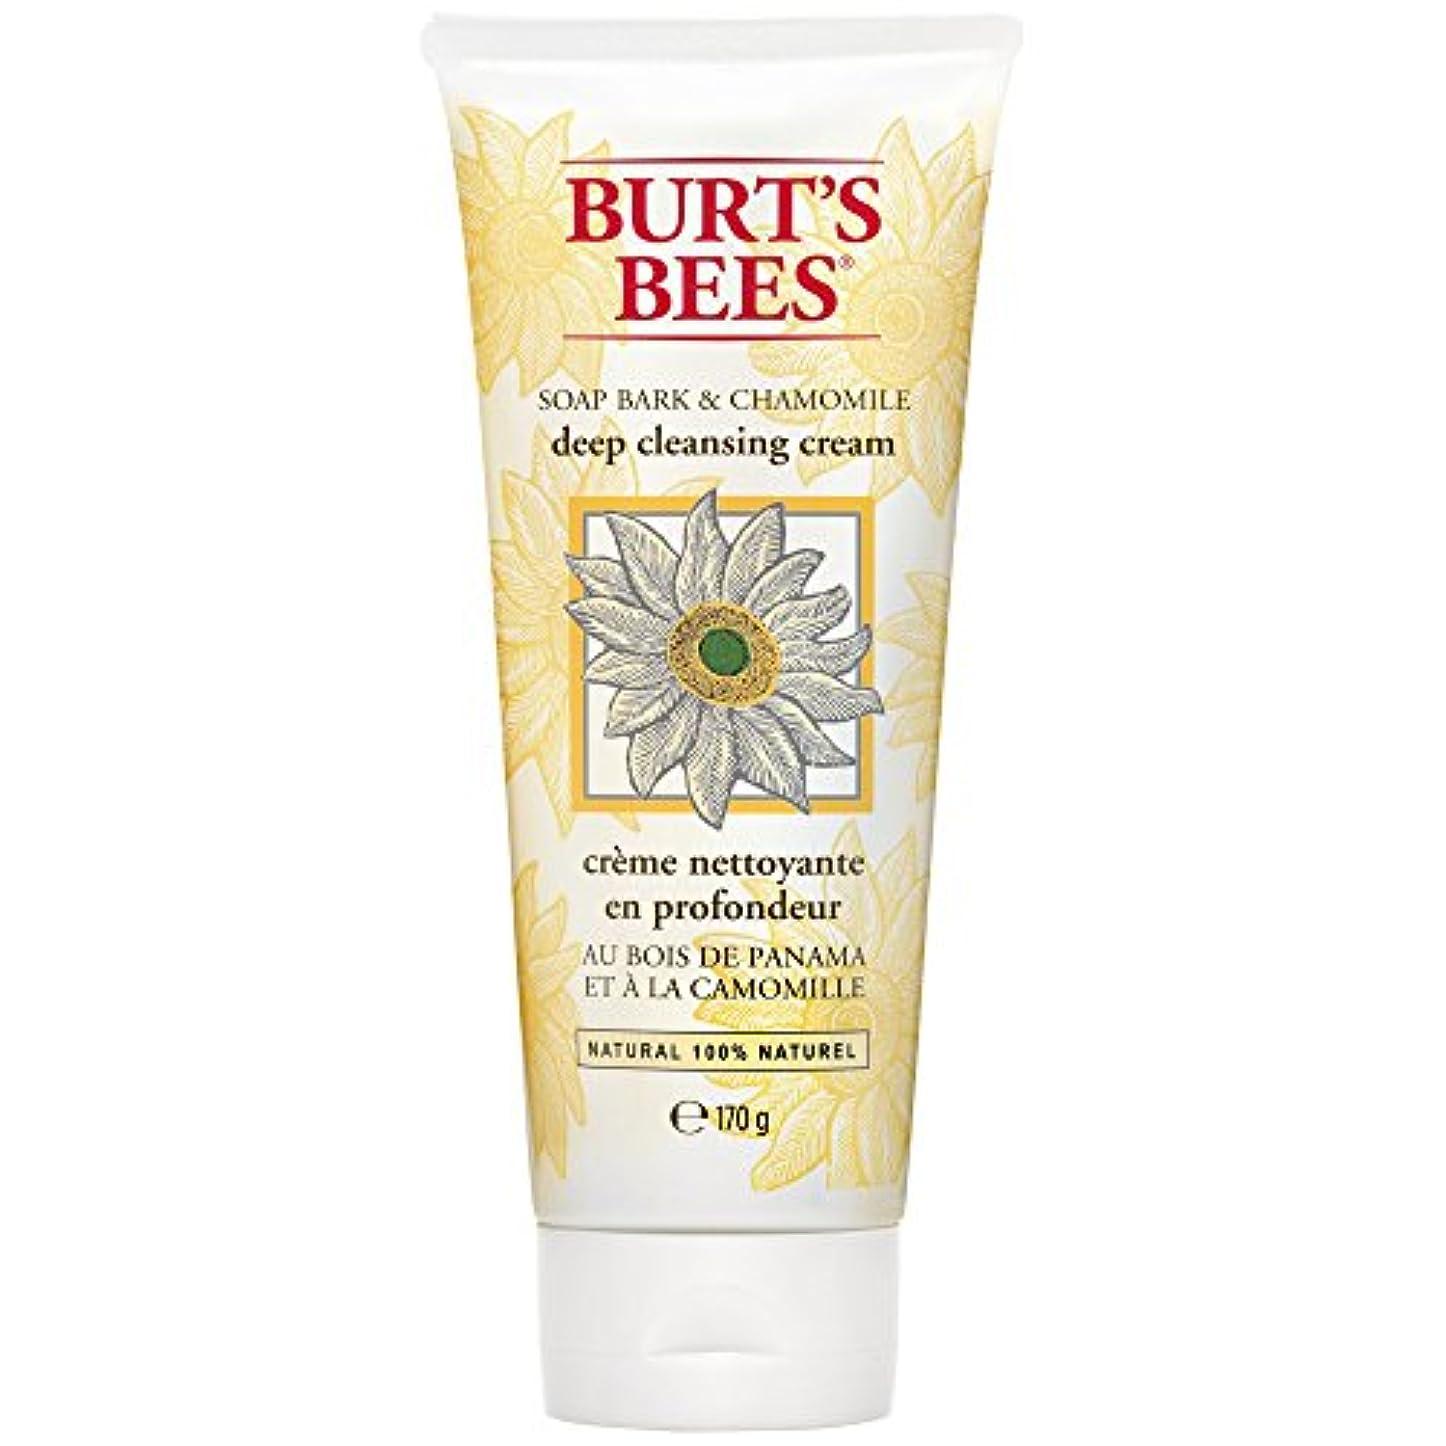 標準圧倒的姿勢バートのBees?ソープバーク??&カモミールディープクレンジングクリーム170グラム (Burt's Bees) (x2) - Burt's Bees? Soap Bark & Chamomile Deep Cleansing Cream 170g (Pack of 2) [並行輸入品]